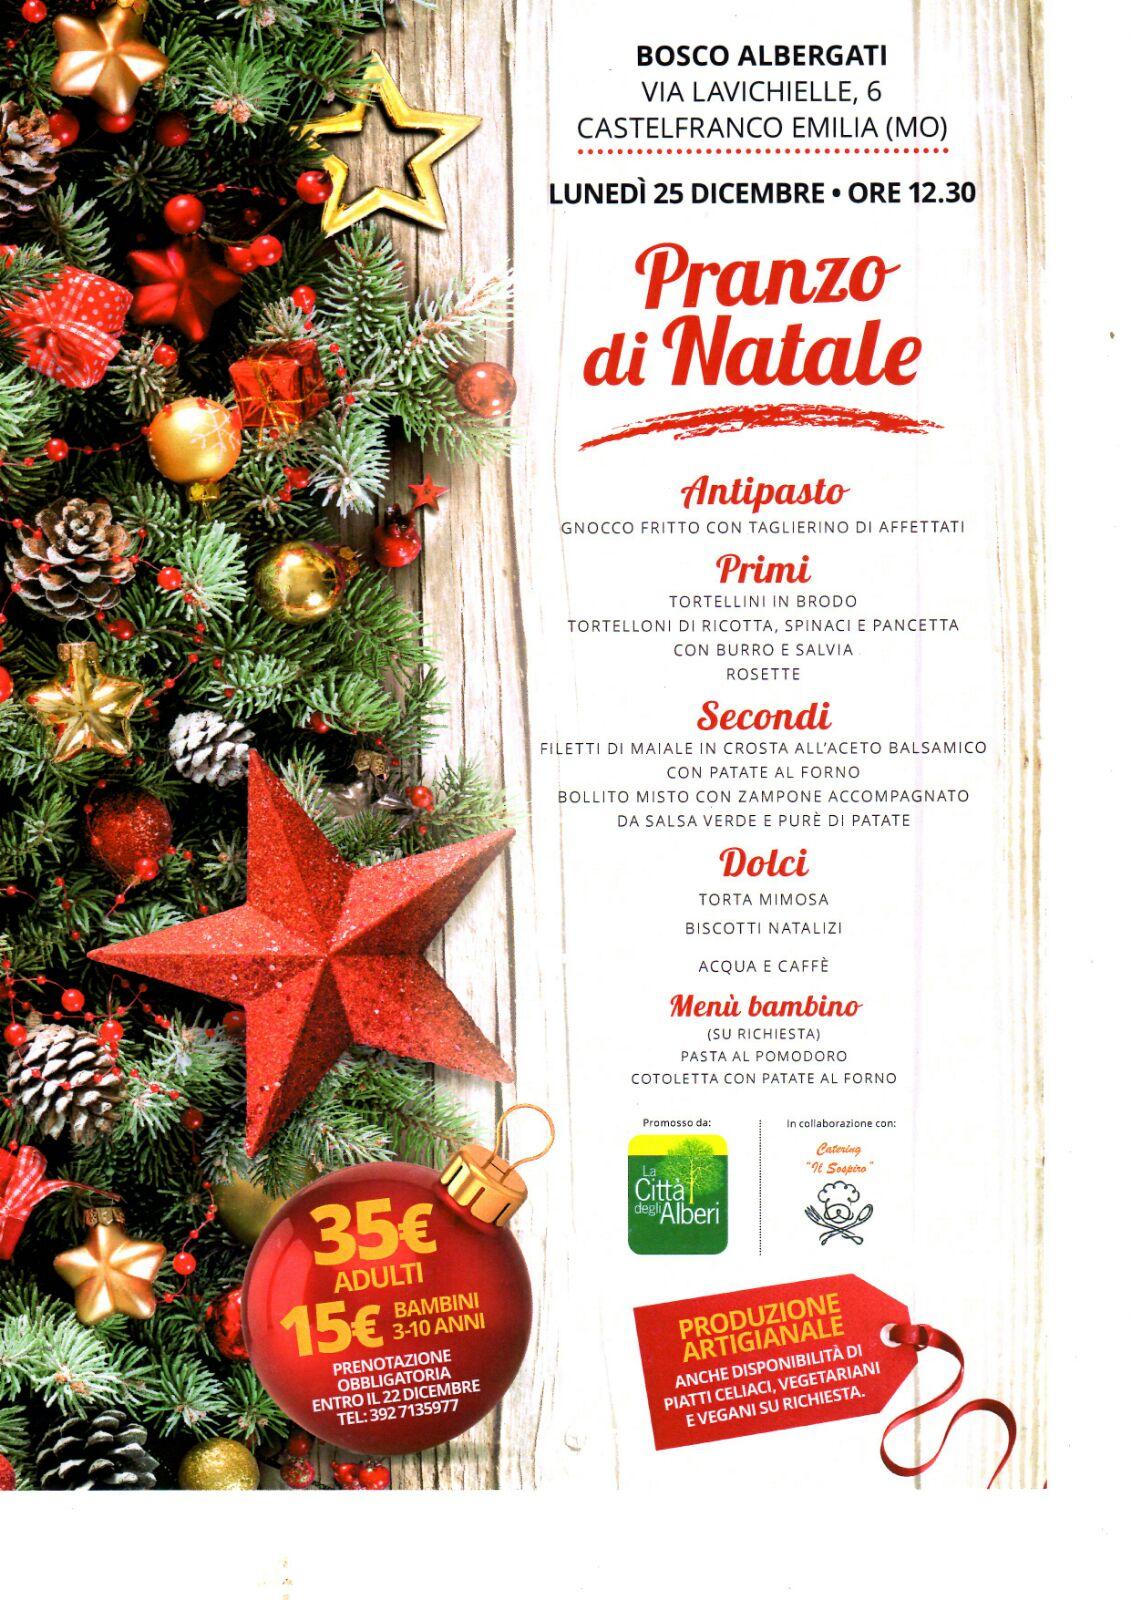 Pranzo di Natale a Bosco Albergati lunedì 25 dicembre ...